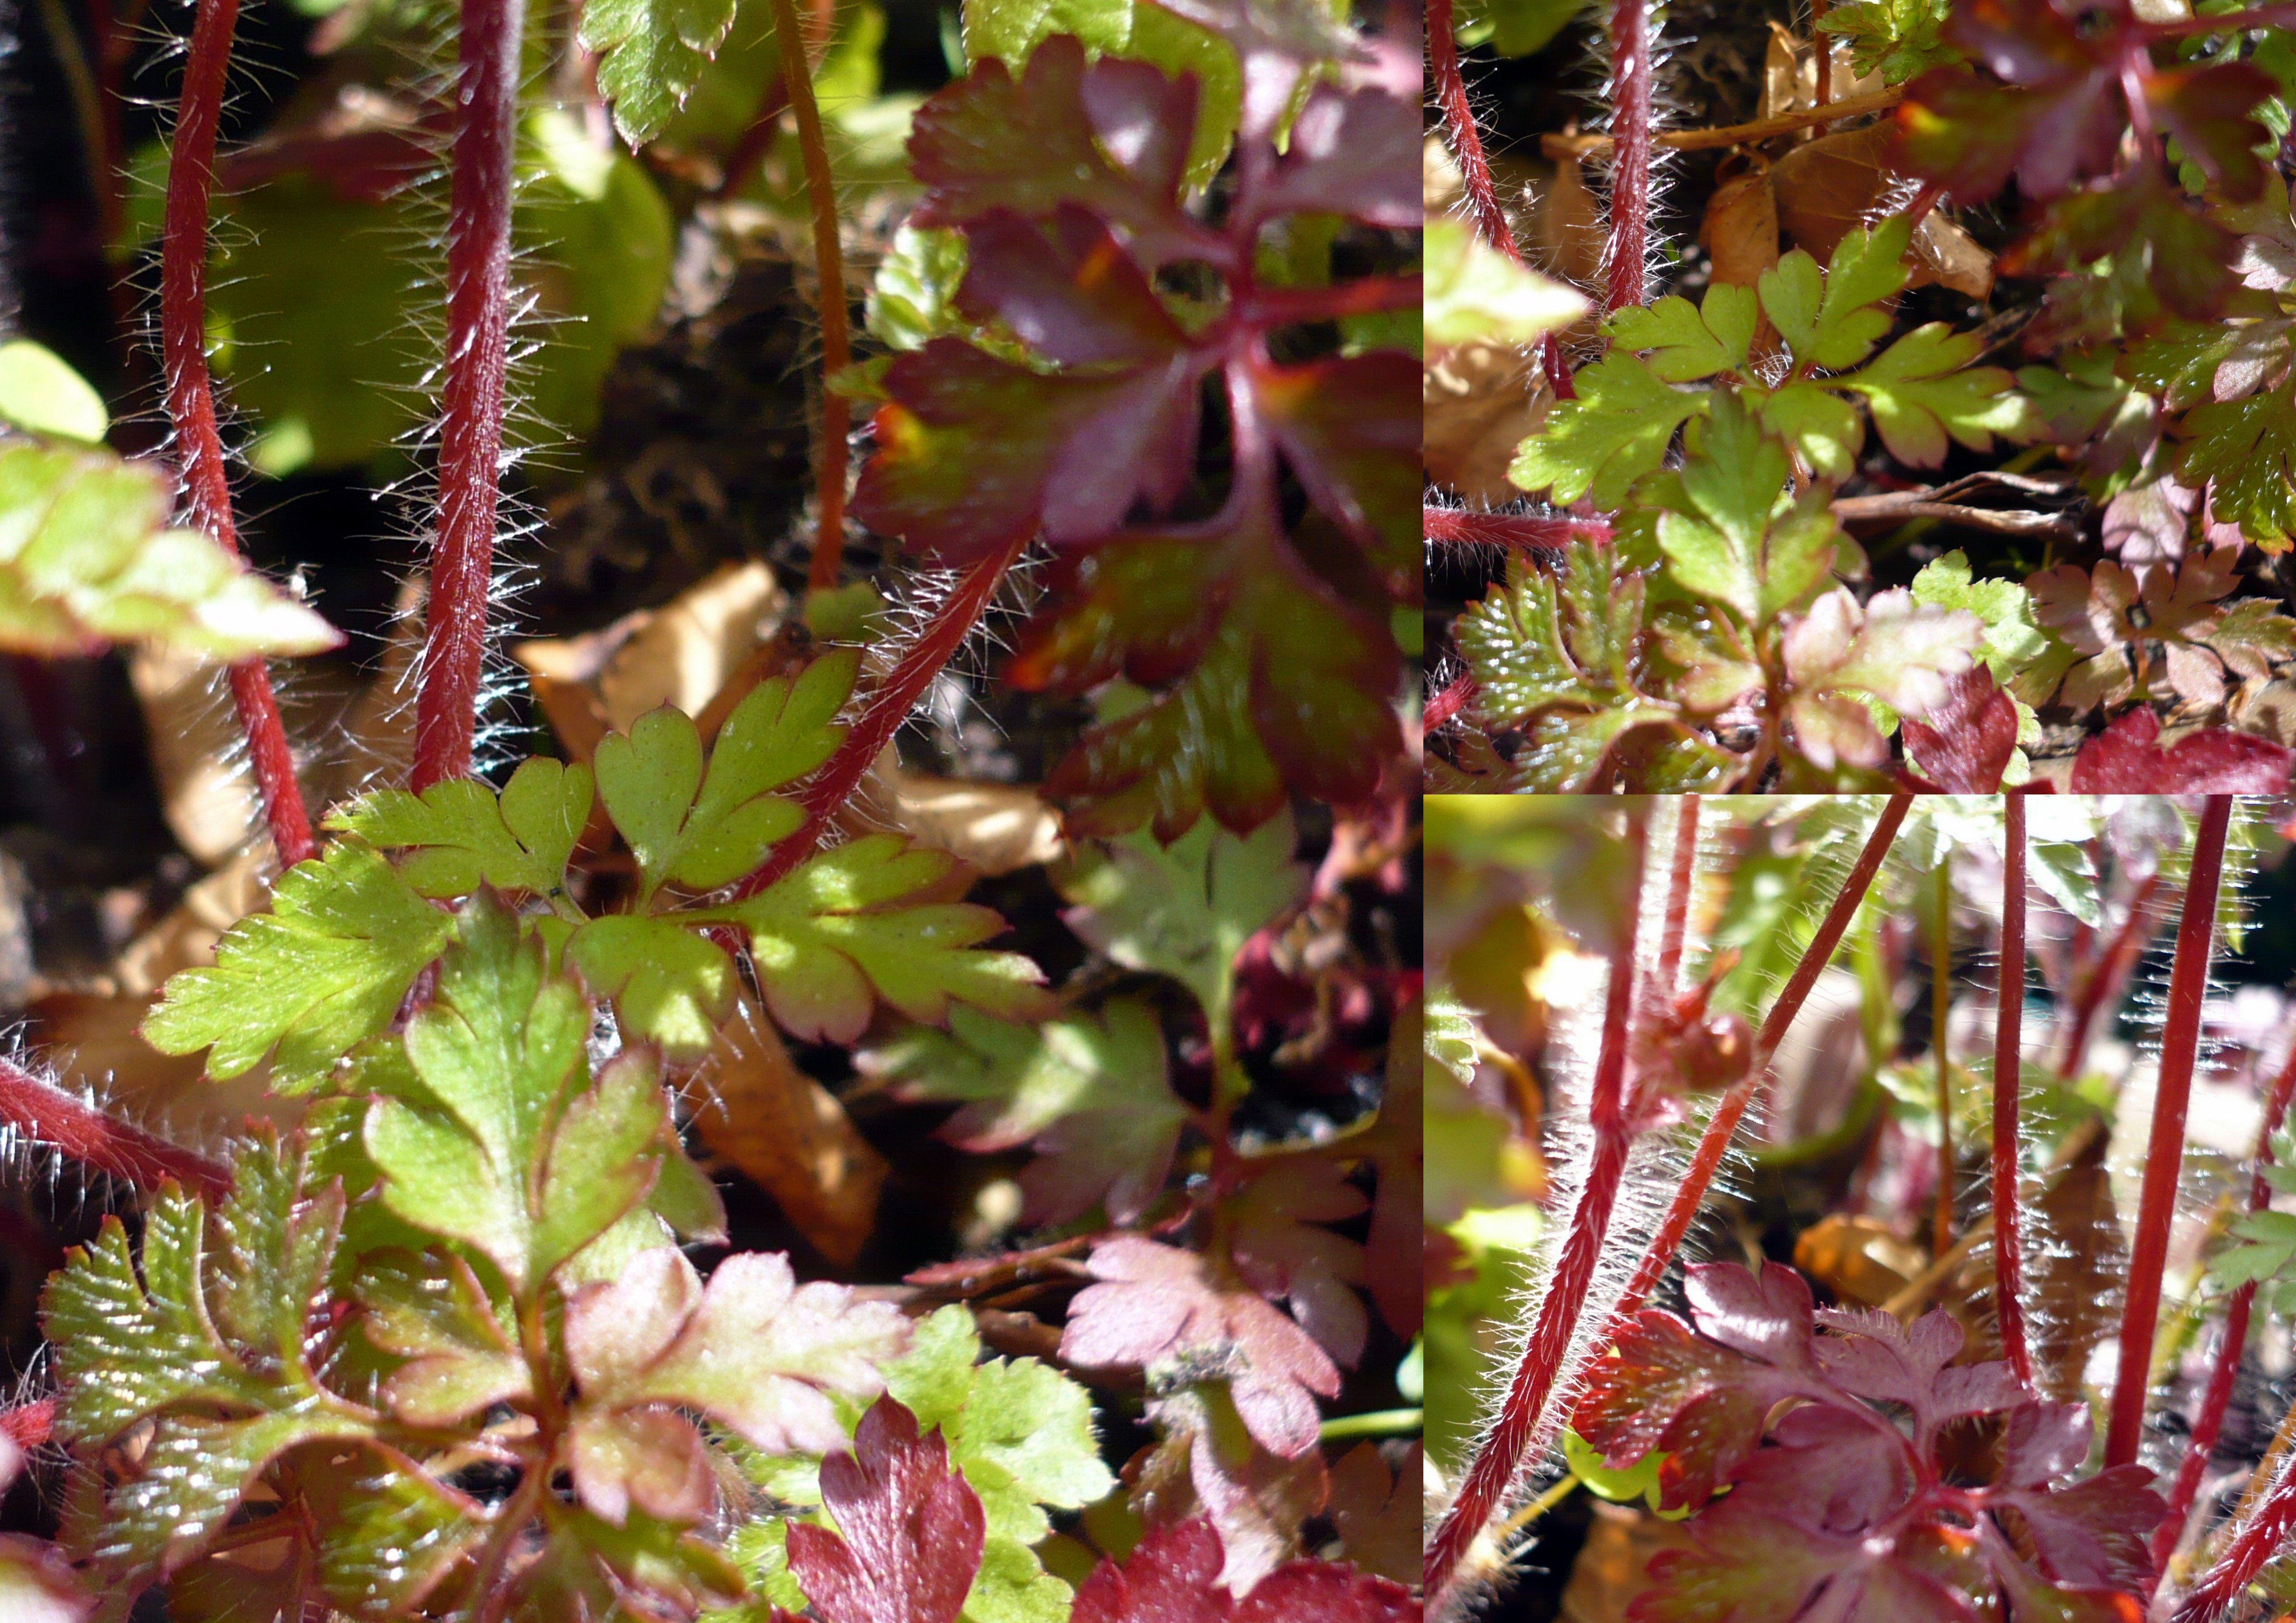 Pflanze mit silbernen Härchen an Blatt und Stiel